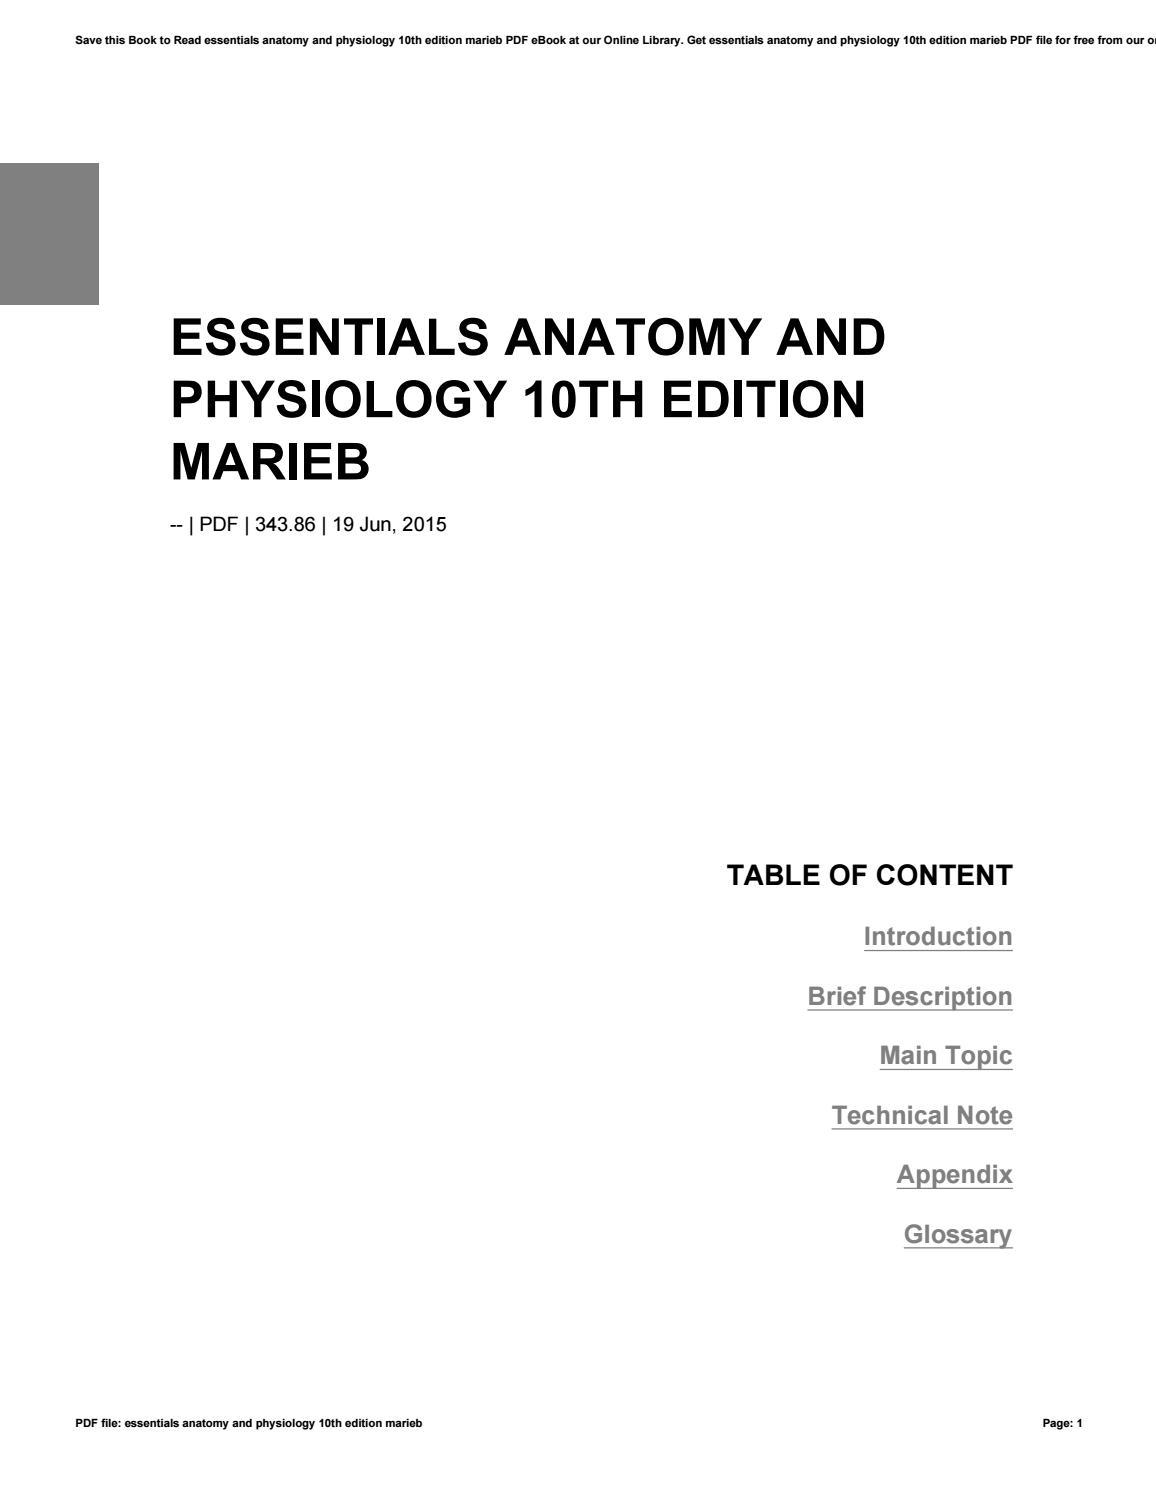 Essentials anatomy and physiology 10th edition marieb by v5586 - issuu